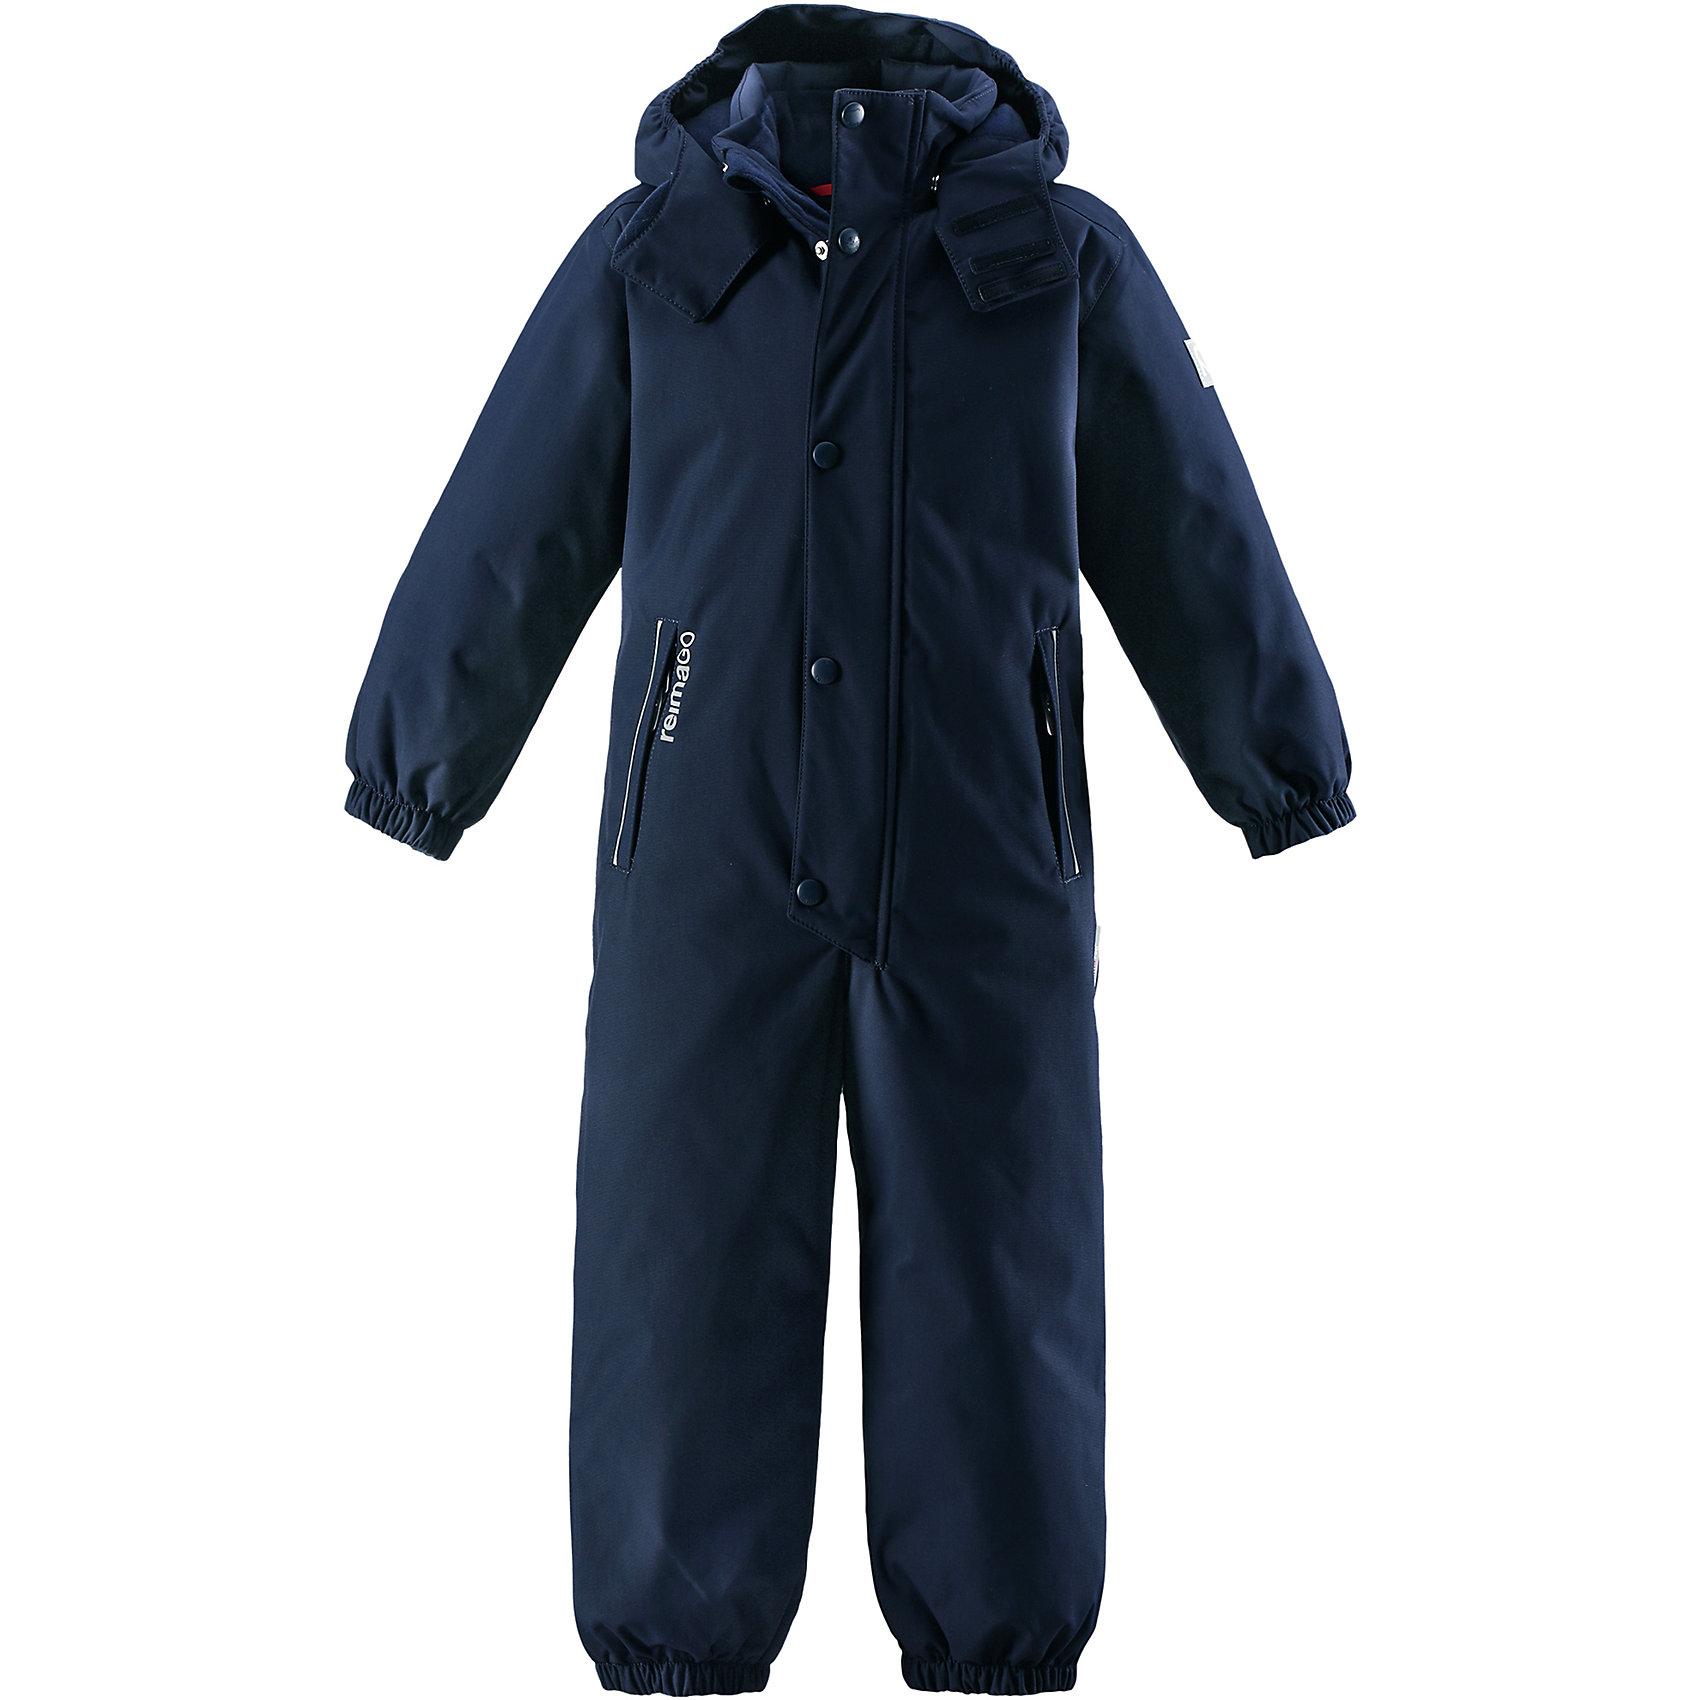 Комбинезон Reimatec® Reima KuusamoКомбинезоны<br>Характеристики товара:<br><br>• цвет: синий;<br>• состав: 100% полиэстер;<br>• подкладка: 100% полиэстер;<br>• утеплитель: 160 г/м2<br>• температурный режим: от 0 до -20С;<br>• сезон: зима; <br>• водонепроницаемость: 12000 мм;<br>• воздухопроницаемость: 8000 мм;<br>• износостойкость: 80000 циклов (тест Мартиндейла);<br>• водо- и ветронепроницаемый, дышащий и грязеотталкивающий материал;<br>• все швы проклеены и водонепроницаемы;<br>• гладкая подкладка из полиэстера;<br>• эластичные манжеты и пояс сзади;<br>• застежка: молния с защитой подбородка;<br>• безопасный съемный  и регулируемый капюшон на кнопках;<br>• регулируемая длина брюк с помощью кнопок;<br>• внутренняя регулировка обхвата талии;<br>• прочные съемные силиконовые штрипки;<br>• два кармана на молнии;<br>• кармана с креплением для сенсора ReimaGO®;<br>• светоотражающие детали;<br>• страна бренда: Финляндия;<br>• страна изготовитель: Китай.<br><br>Абсолютно непромокаемый детский зимний комбинезон Reimatec® с полностью проклеенными швами. Этот практичный комбинезон изготовлен из ветронепроницаемого и дышащего материала, поэтому вашему ребенку будет тепло и сухо, к тому же он не вспотеет. Комбинезон снабжен гладкой подкладкой из полиэстера. В этом комбинезоне прямого кроя талия при необходимости легко регулируется, что позволяет подогнать комбинезон точно по фигуре. А еще он снабжен эластичными манжетами на рукавах и концах брючин, которые регулируются застежкой на кнопках. <br><br>Съемный и регулируемый капюшон защищает от пронизывающего ветра, а еще он безопасен во время игр на свежем воздухе. Кнопки легко отстегиваются, если капюшон случайно за что-нибудь зацепится. Съемные и регулируемые силиконовые штрипки не дают концам брючин выбиваться из обуви, бегай сколько хочешь! Два кармана на молнии и специальный карман с кнопками для сенсора ReimaGO®. Материал имеет грязеотталкивающую поверхность, и при этом его можно сушить в сушильной машине. Светоотражающие д